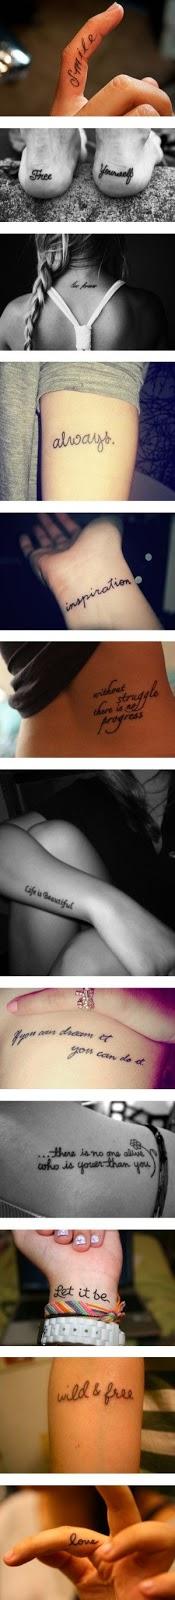 Tattoos Schriftzüge Mit Bedeutung (261)